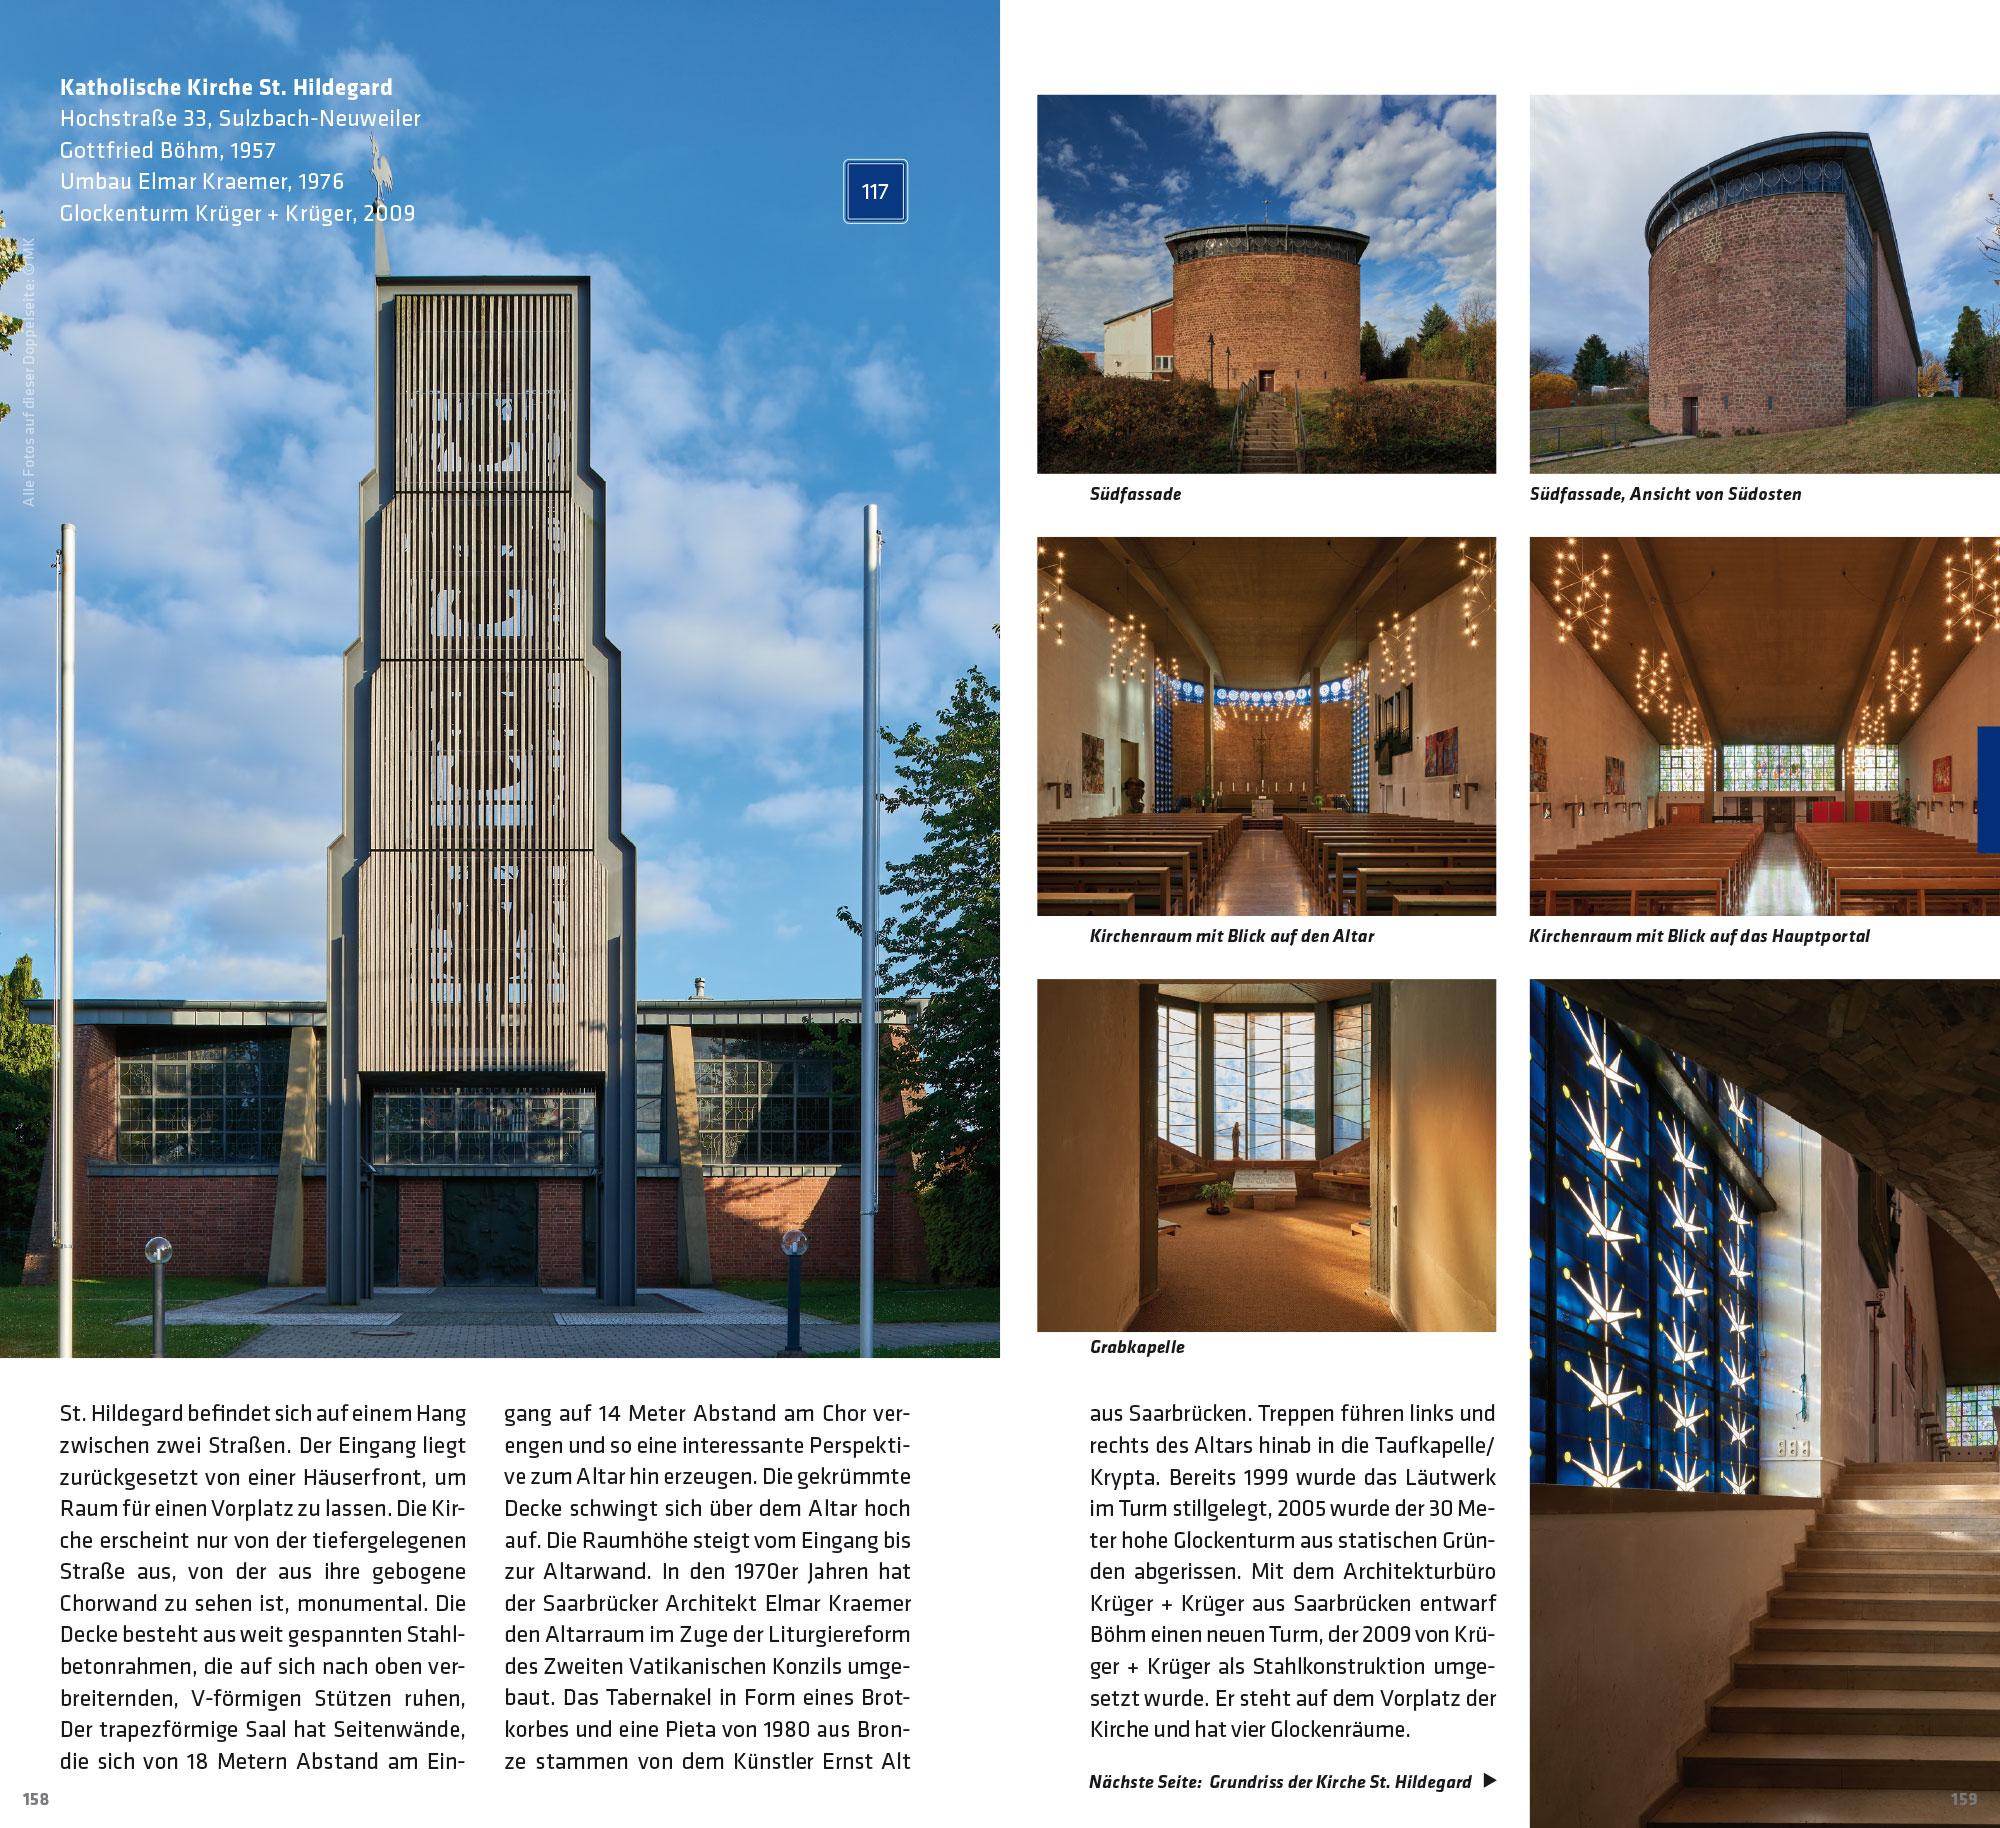 Buch-Doppelseite: Pfarrkirche St. Hildegard, Sulzbach-Neuweiler